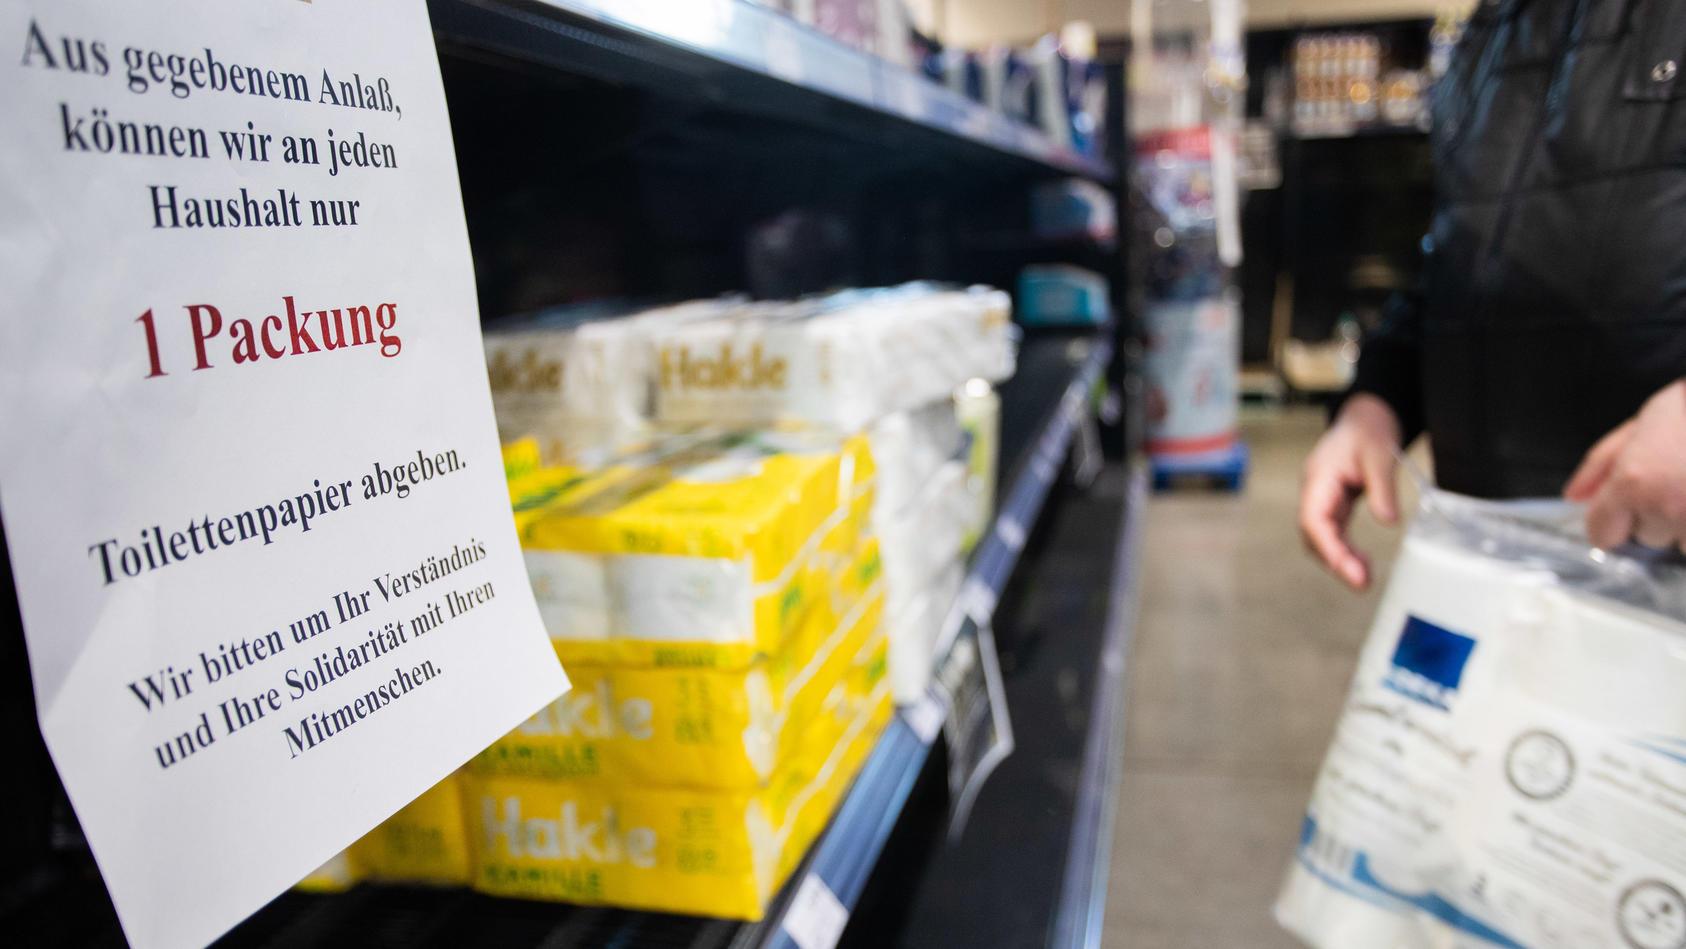 Durch Mengenbeschränkungen sollen Hamsterkäufe vermieden werden.